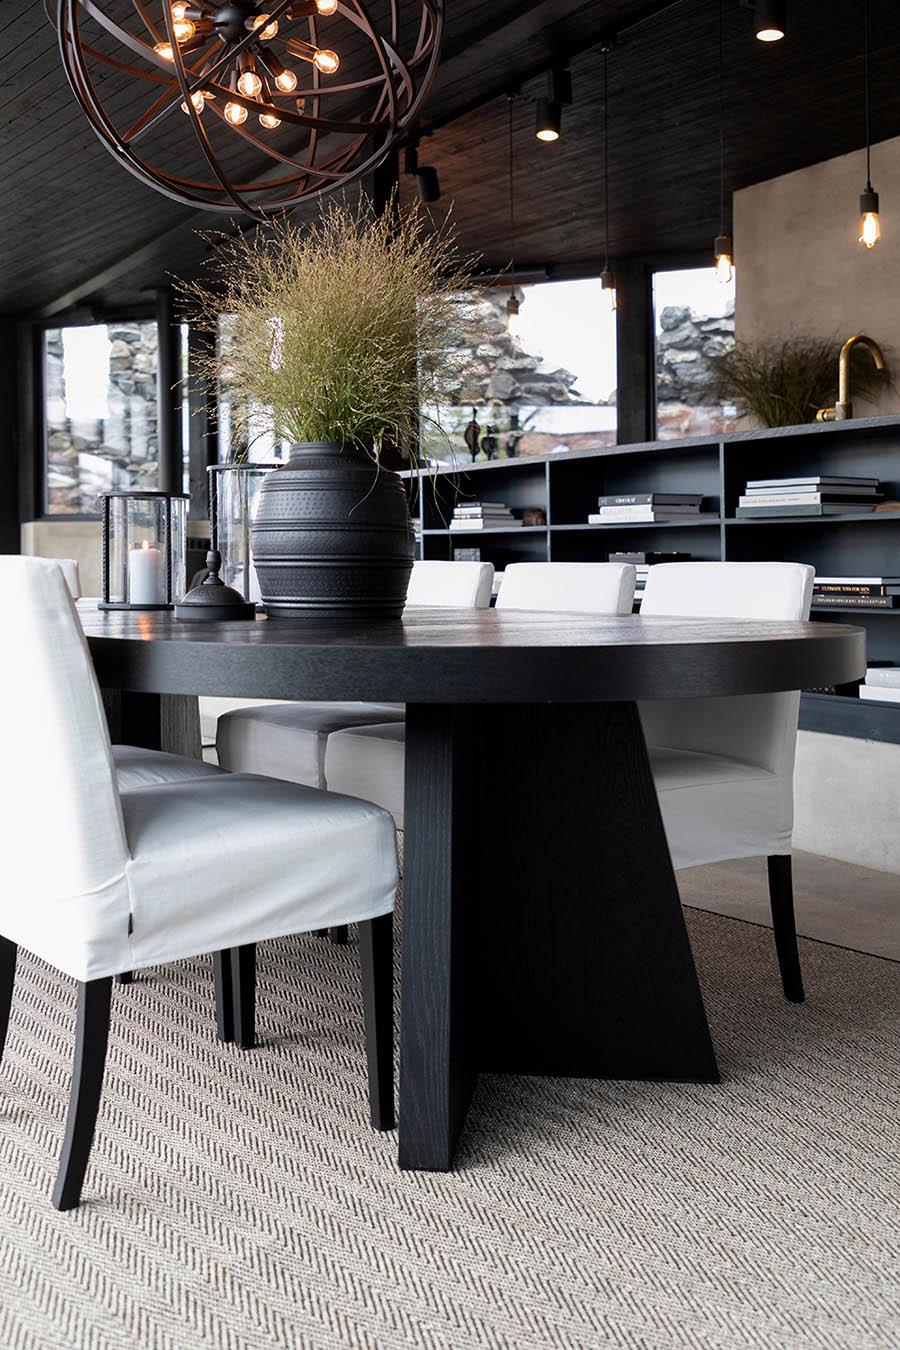 Artwood Trent förlängningsbart matbord 130-250x130 cm svart och